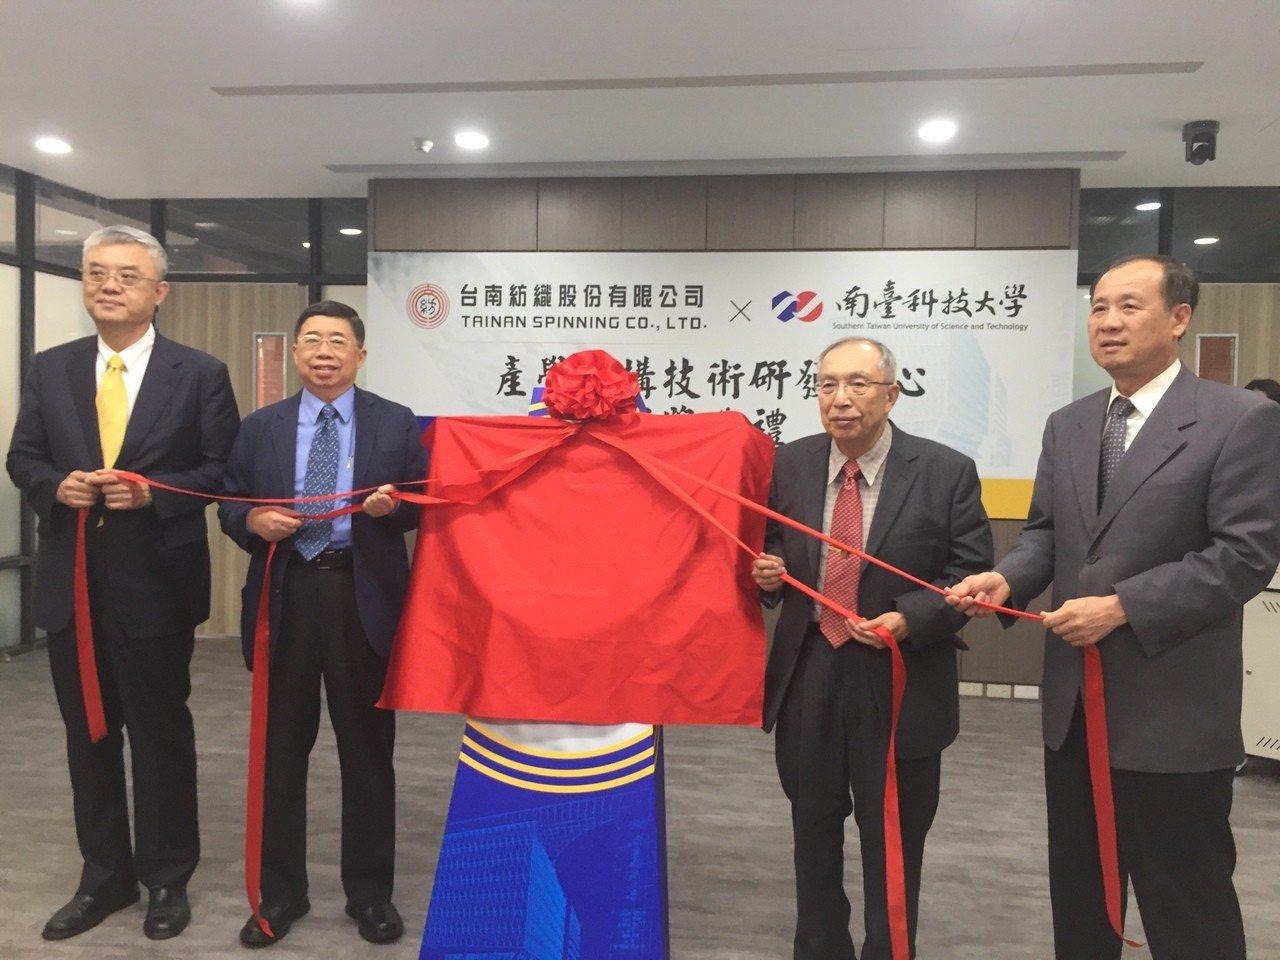 臺南紡織攜手南台科大 成立產學共構技術研發中心